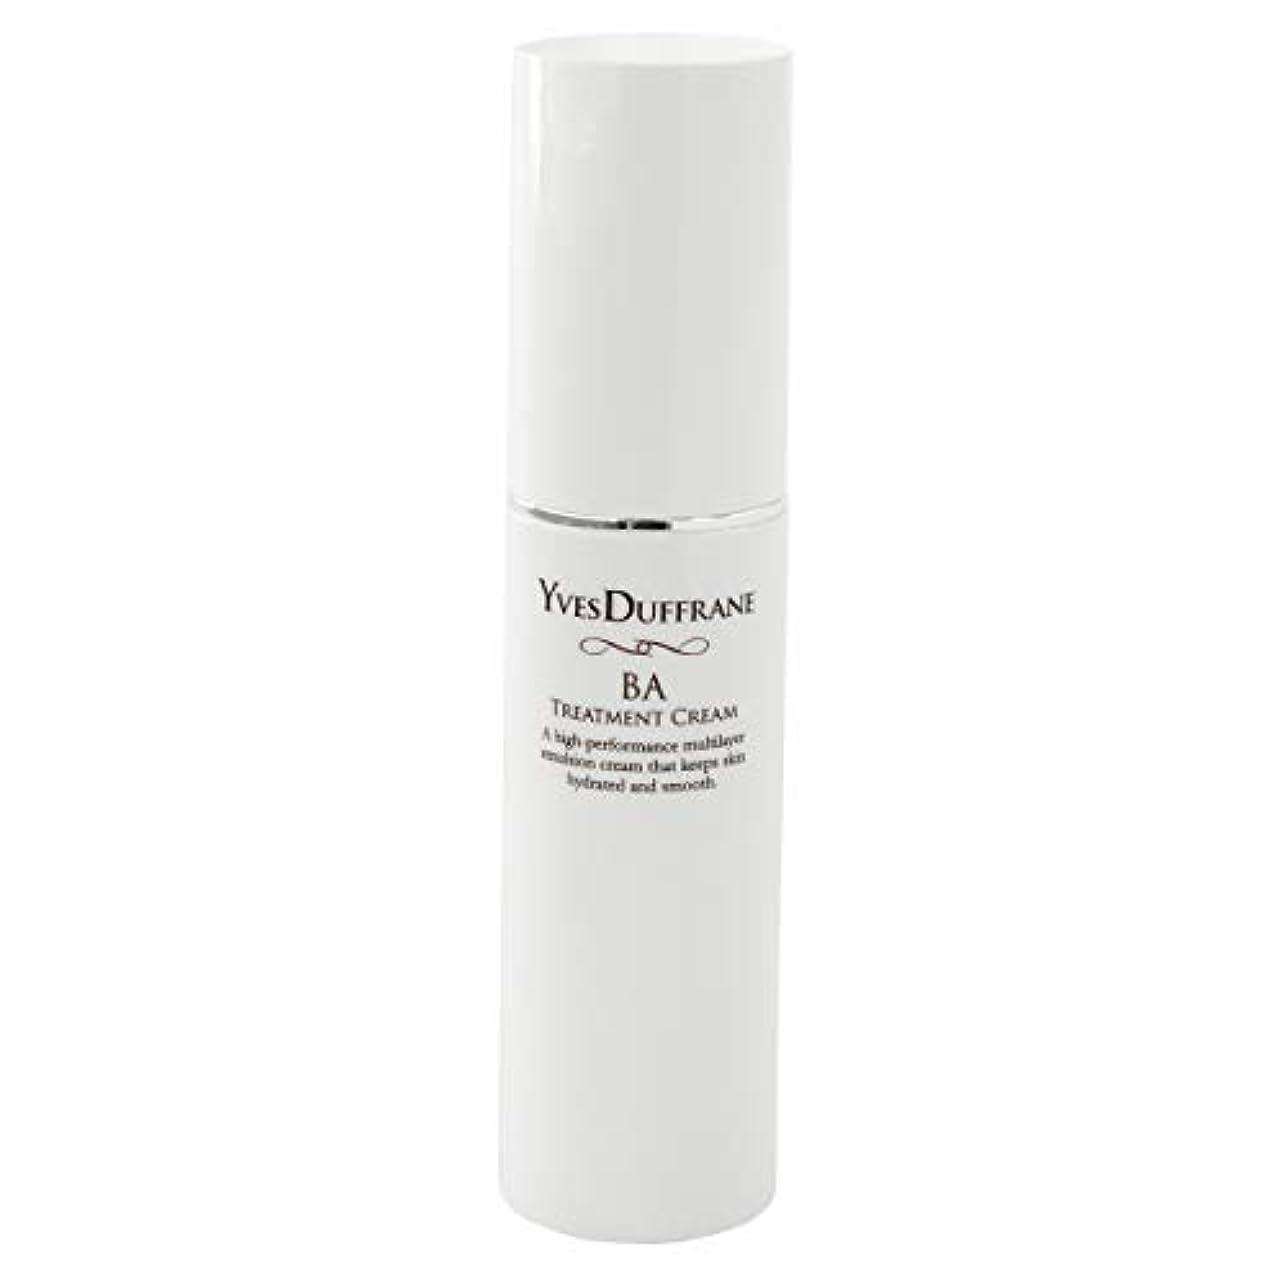 ウォーターフロント決済集めるセラミド 美容クリーム [BAトリートメント クリーム ] 顔 目元 敏感肌 保湿 セラミド ビタミンC誘導体 バイオアンテージ配合